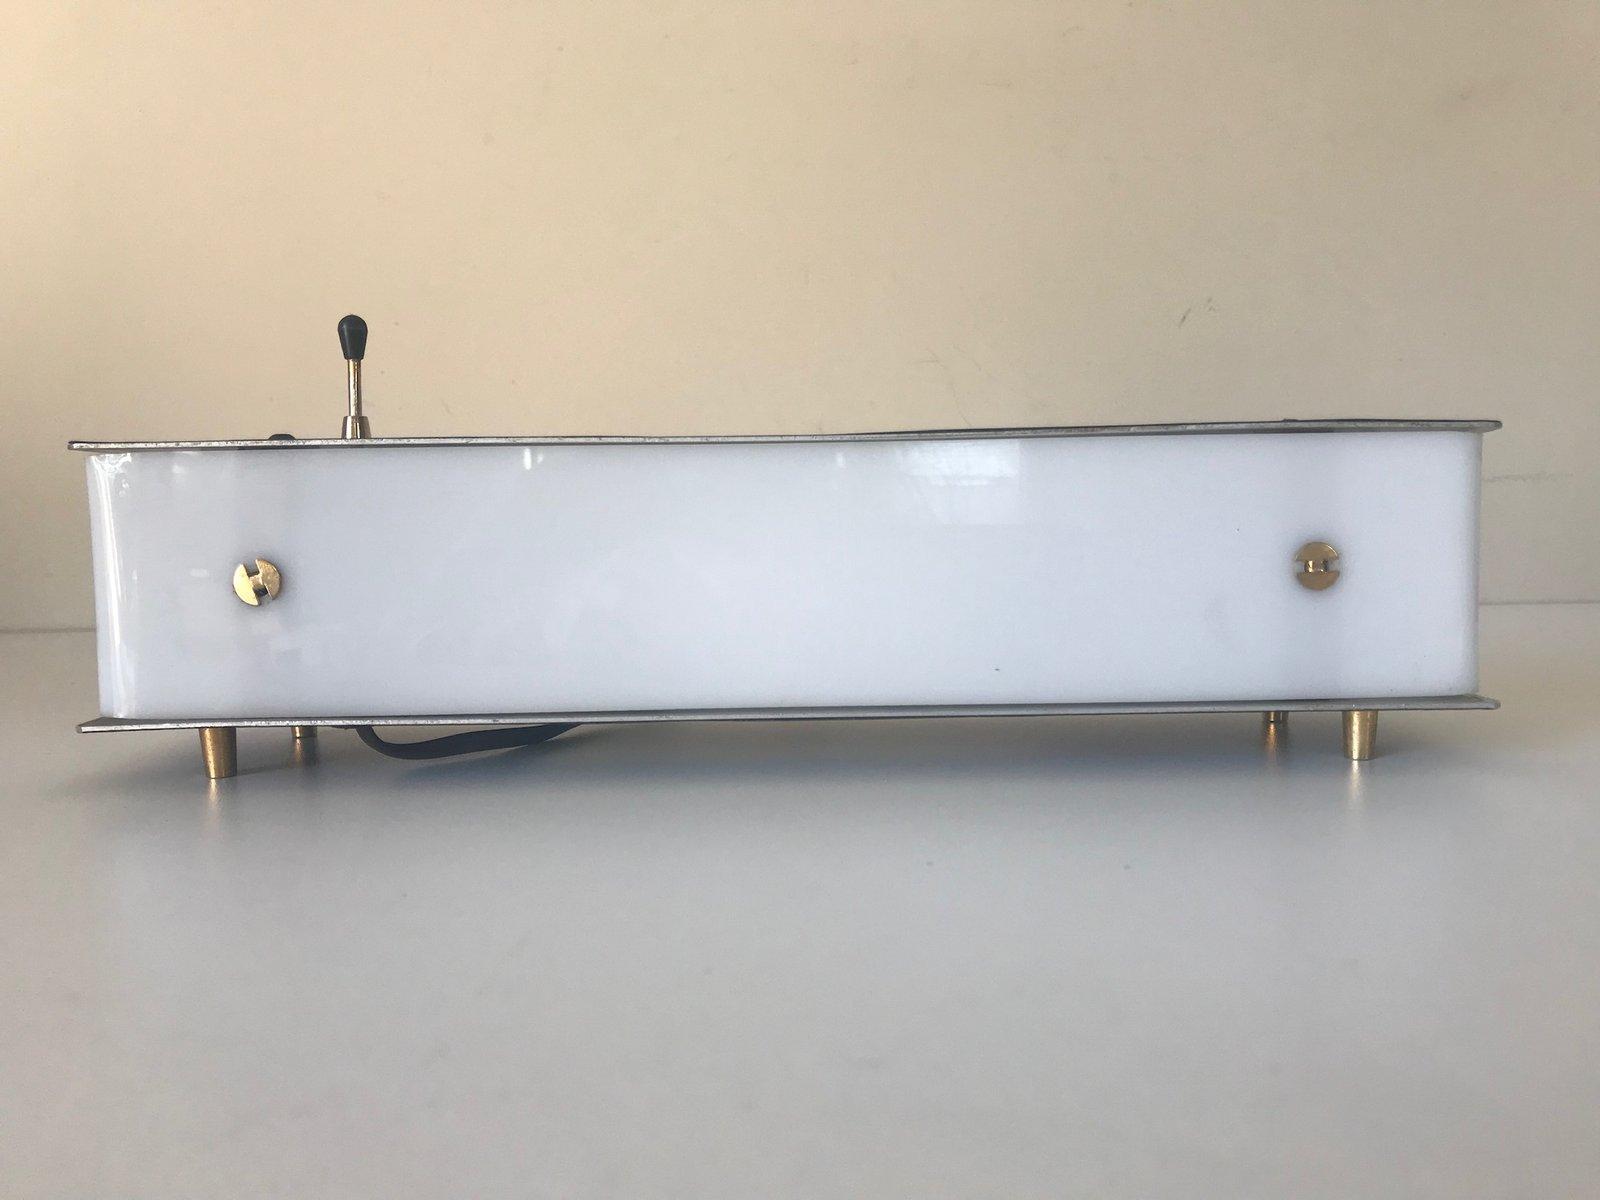 Lampe aus Plexiglas & Metall von Arlus, 1960er